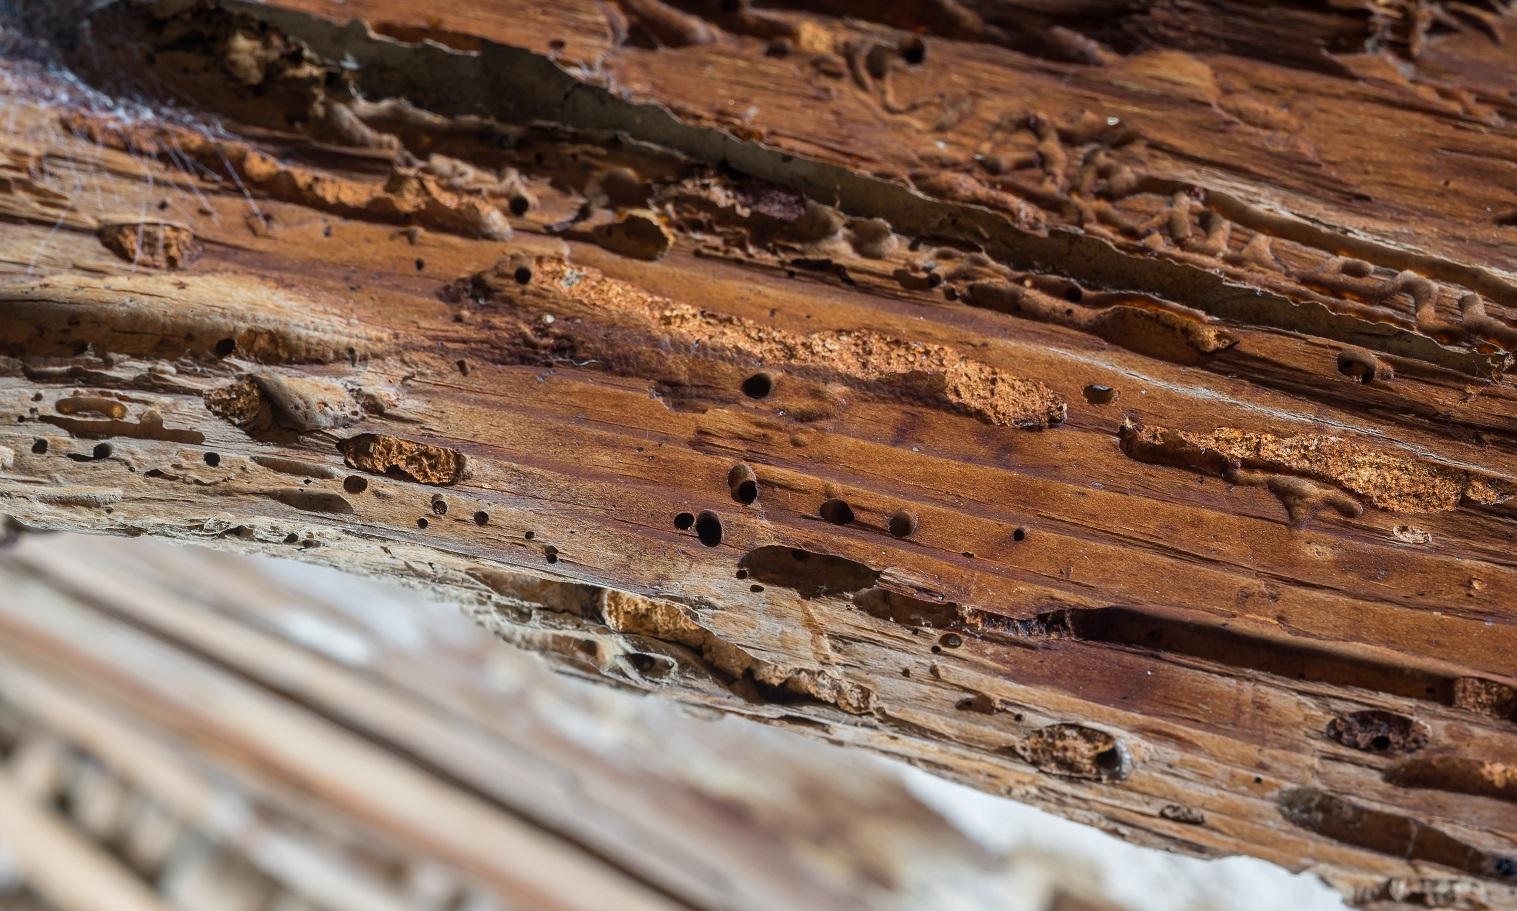 poutre en bois endommagée